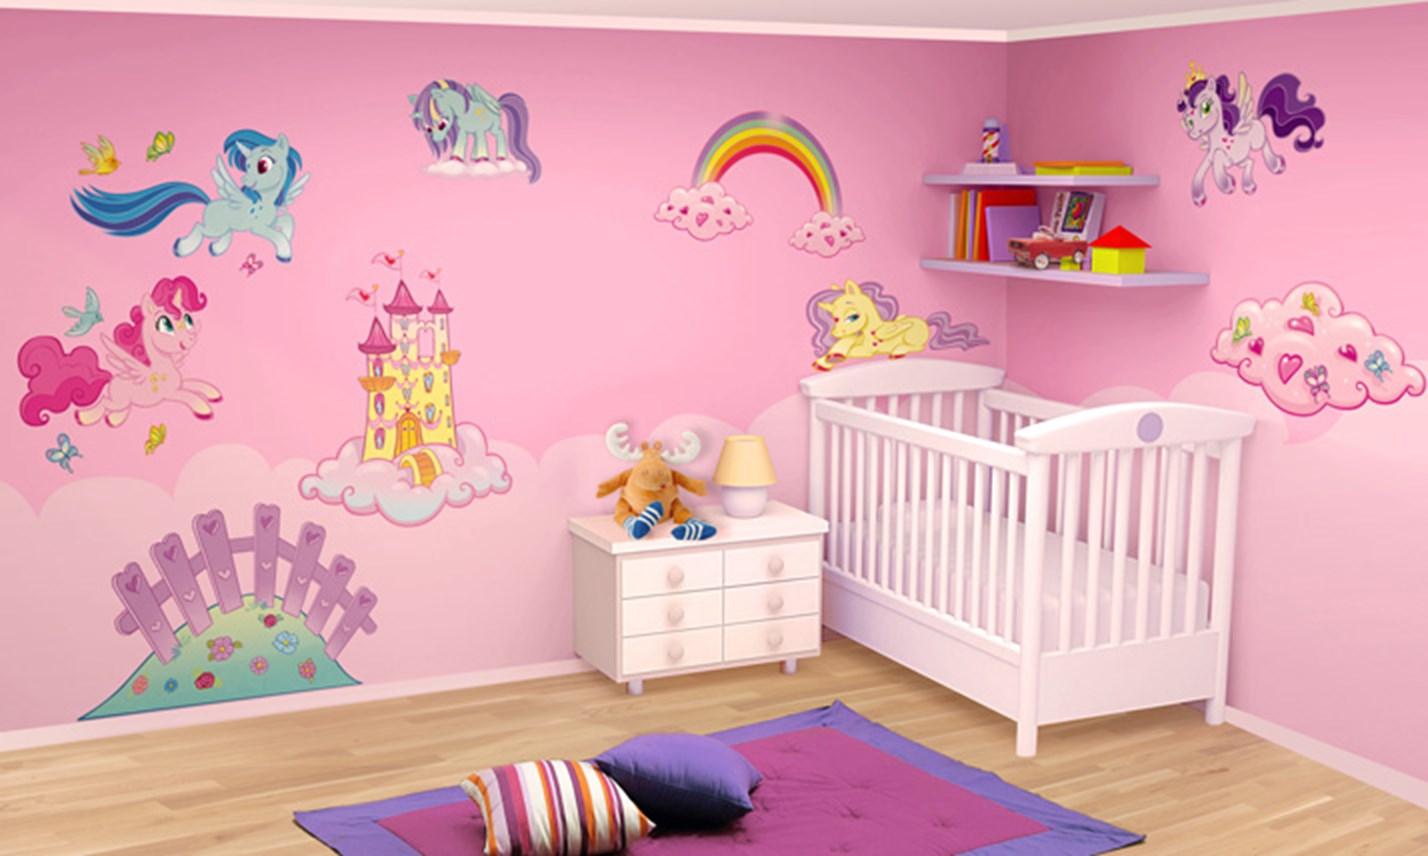 Stickers murali bambini cameretta i mini unicorni - Adesivi per cameretta bambini ...